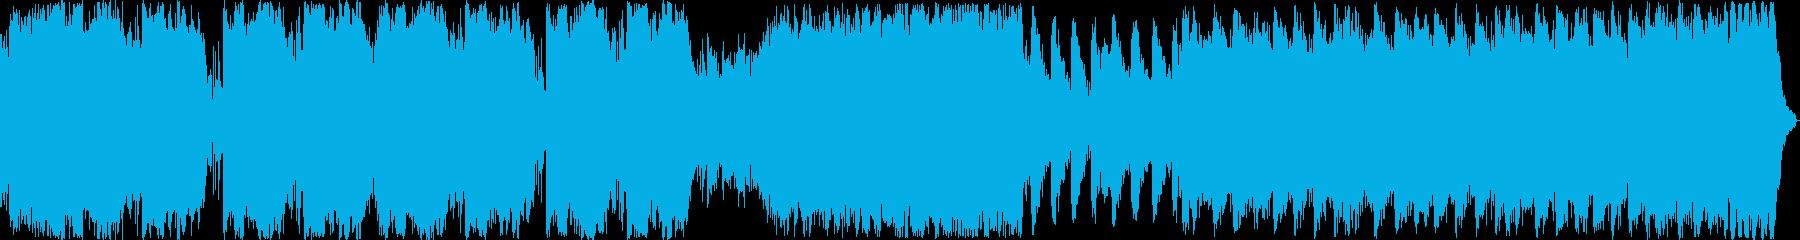 金管メインの暴力的な曲の再生済みの波形